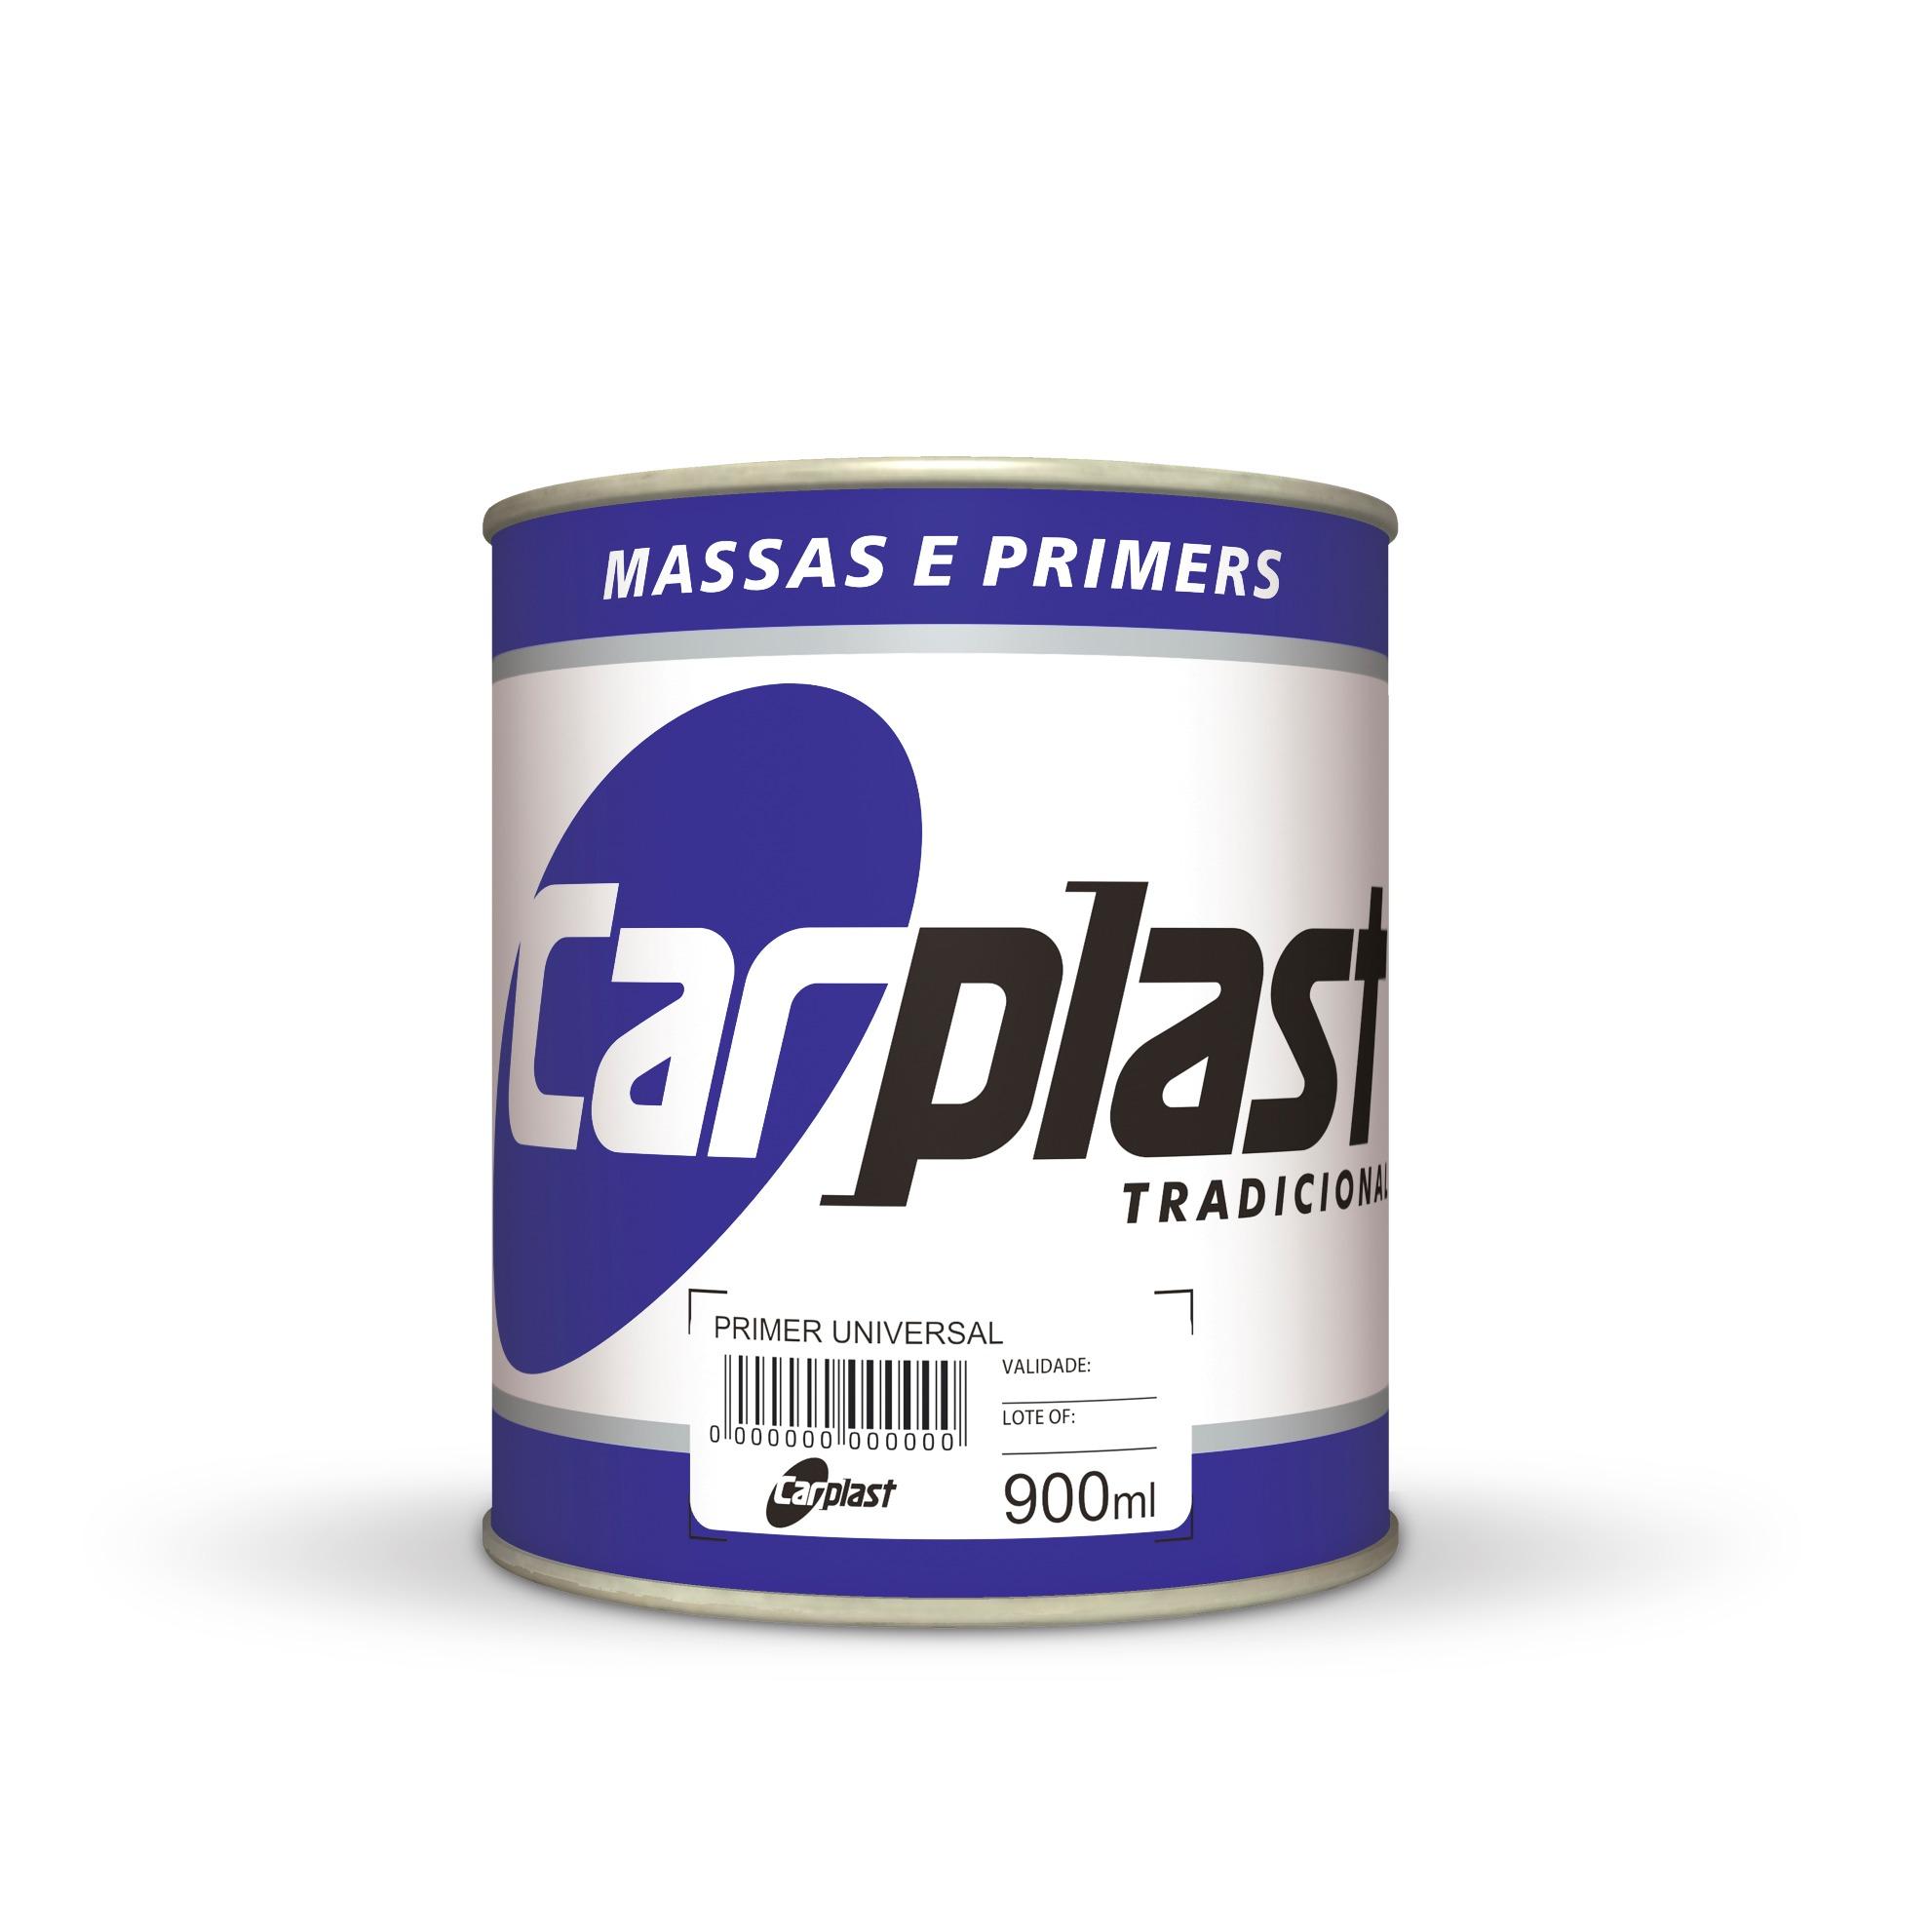 Universal Primer Carplast